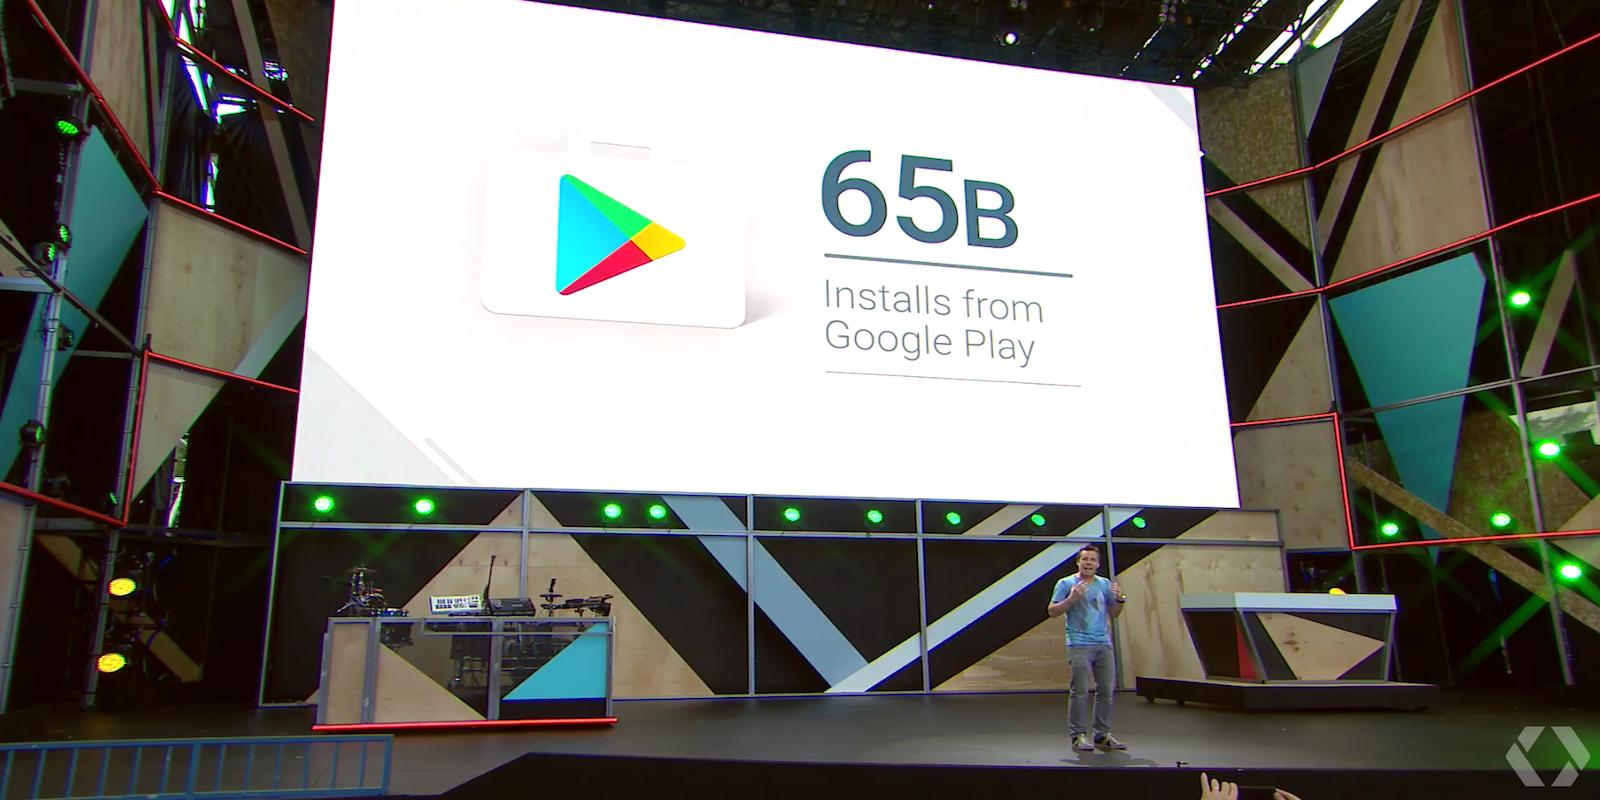 65b-play-installs